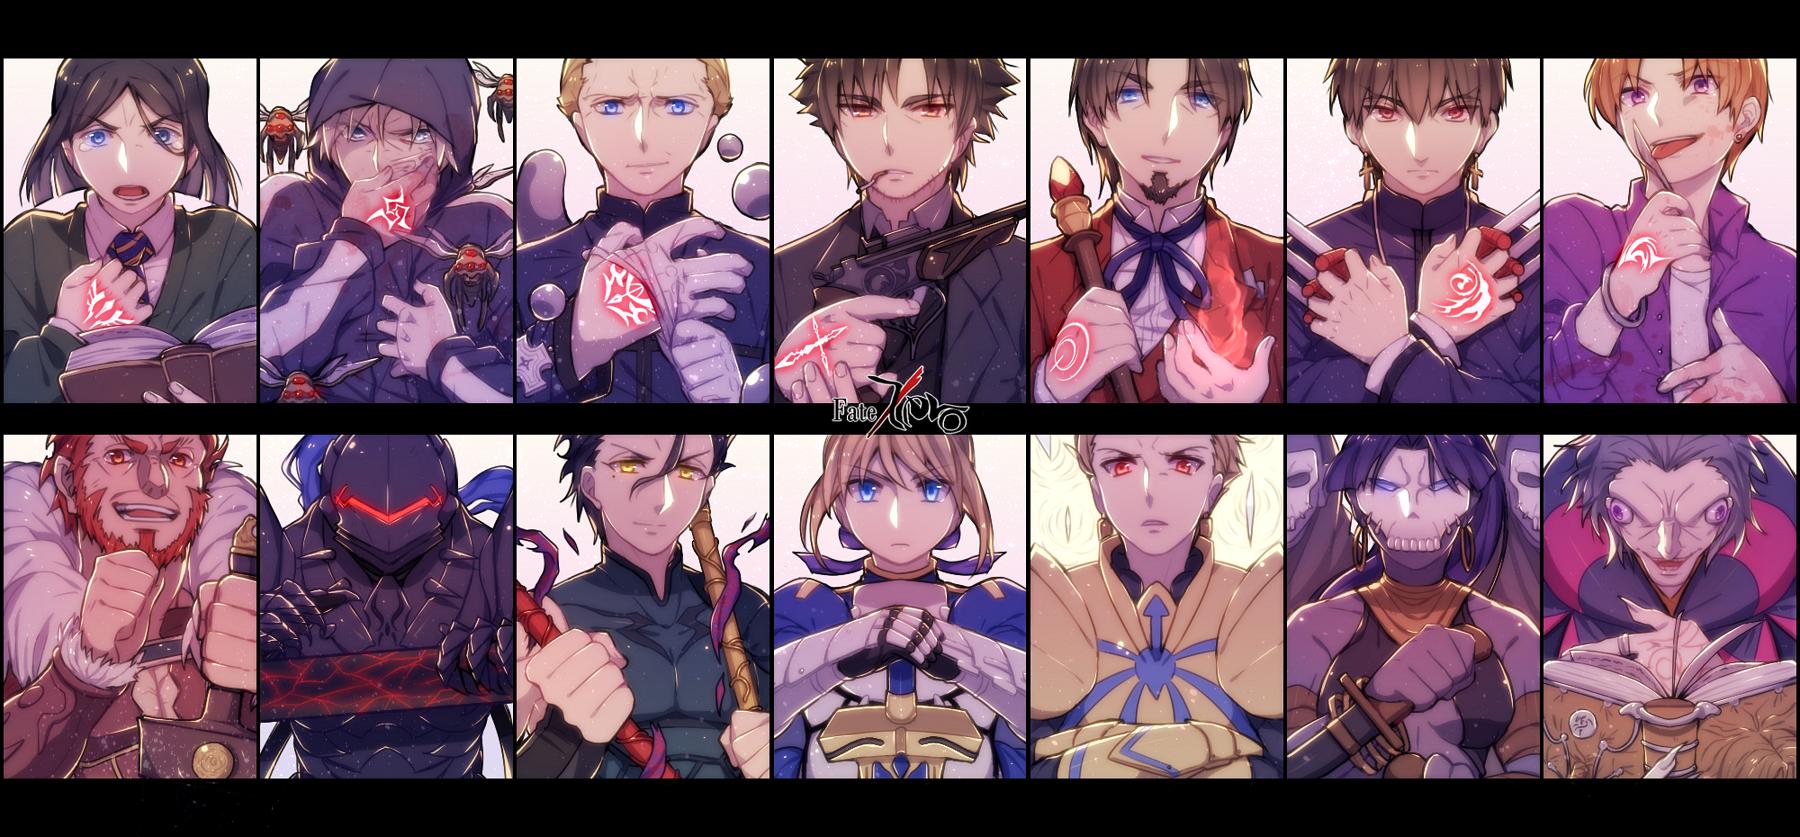 吾王,saber,fate,福利本子